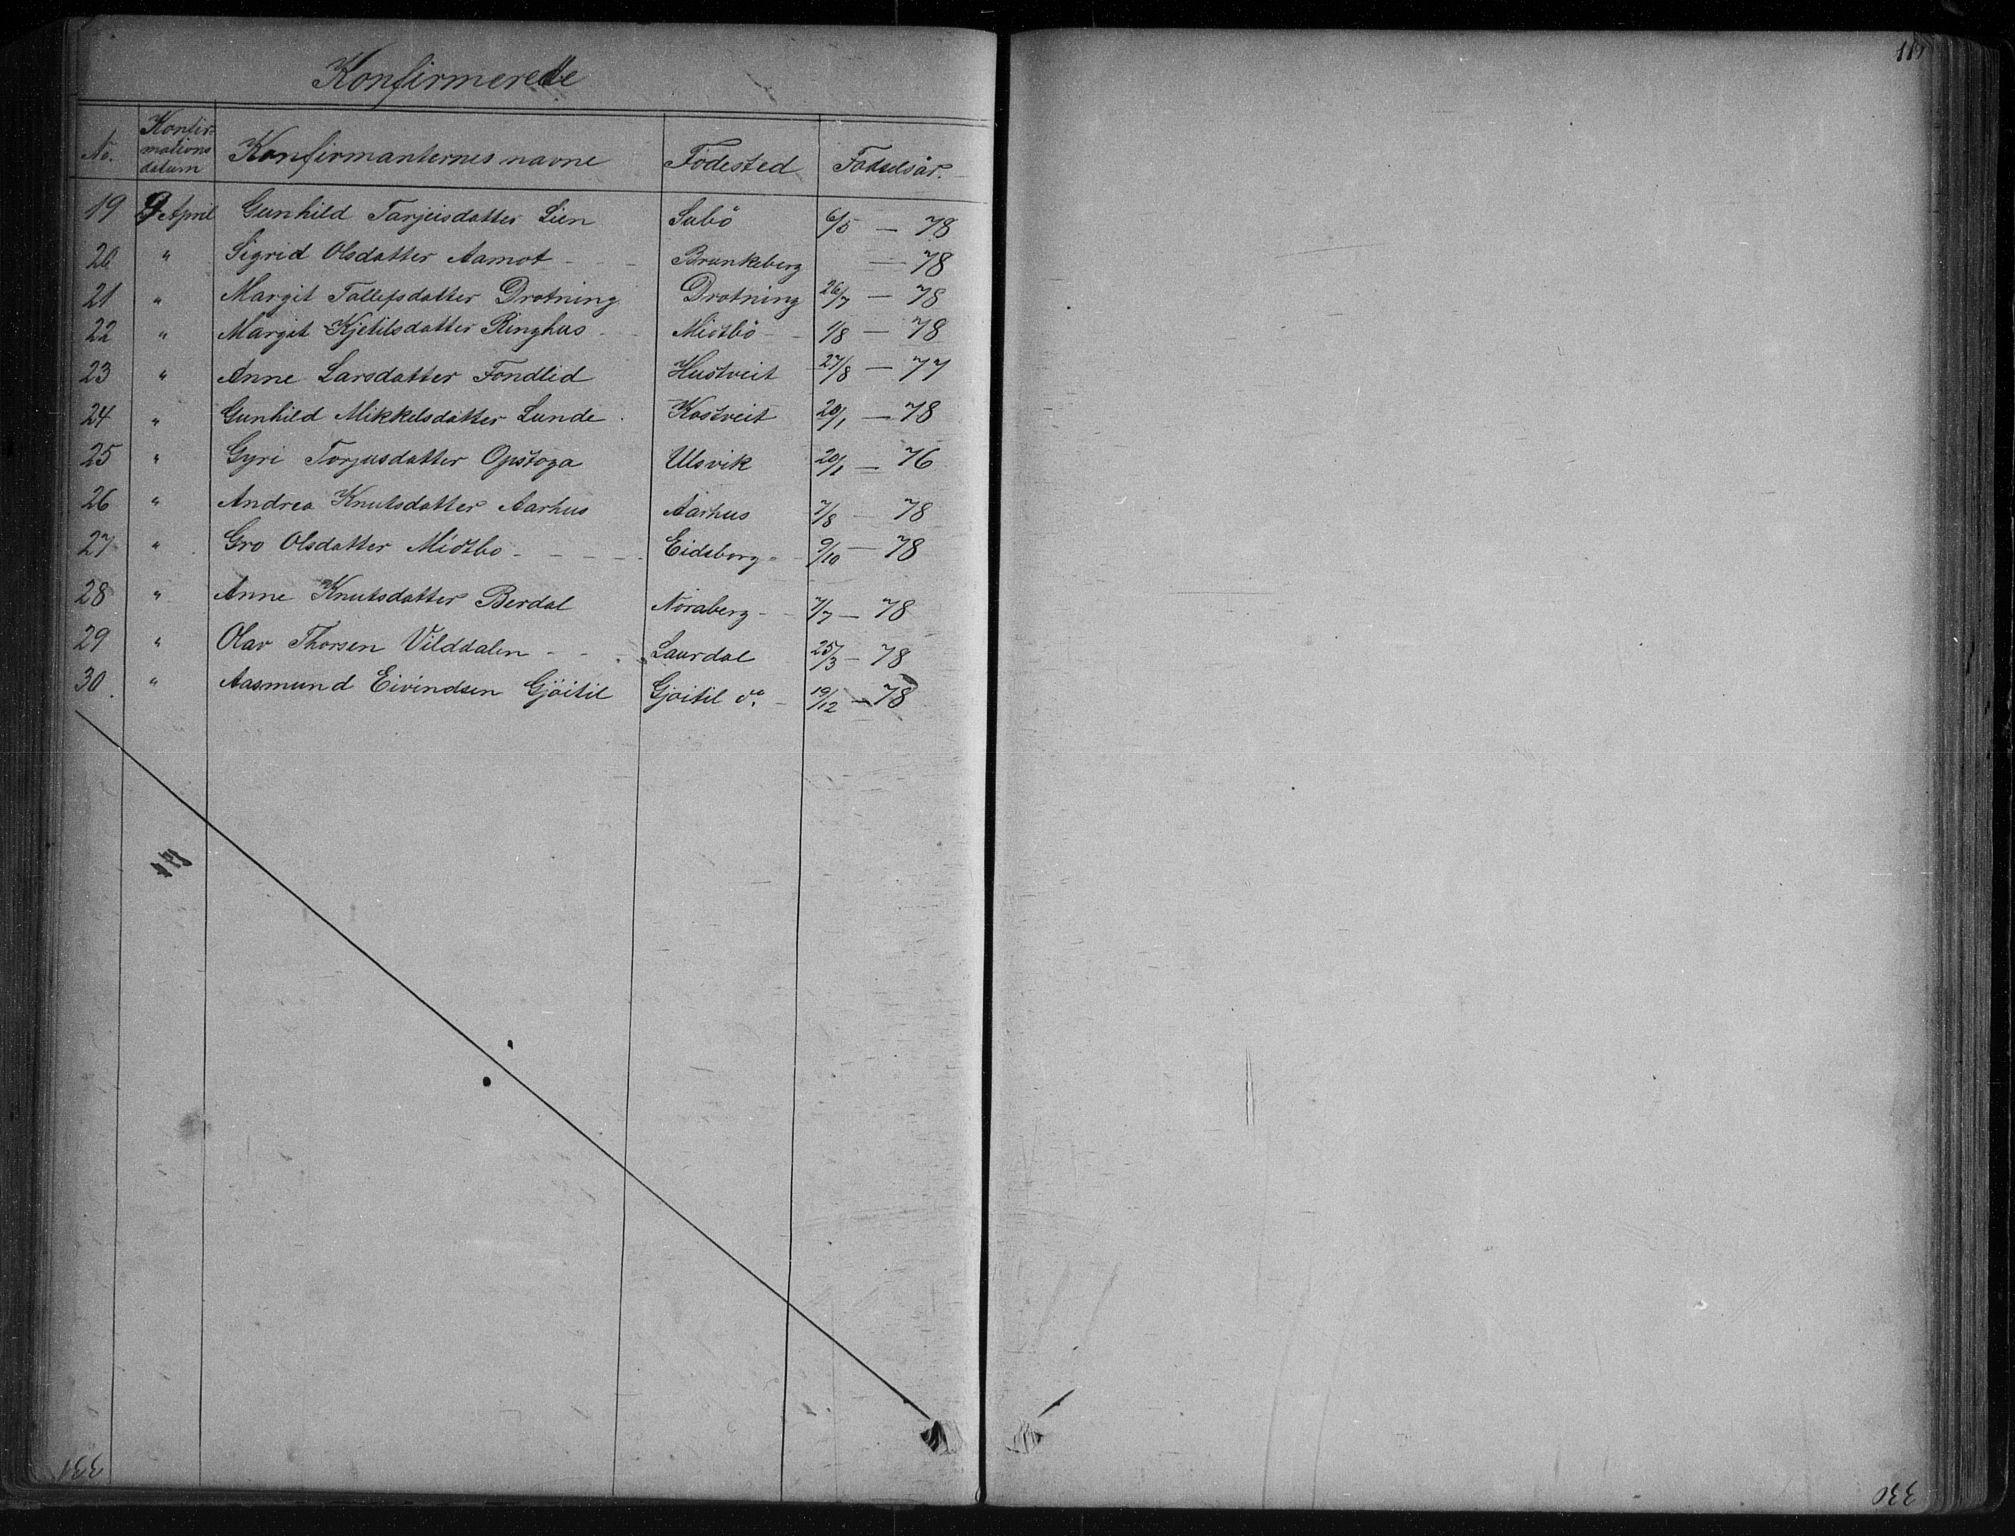 SAKO, Vinje kirkebøker, G/Ga/L0002: Klokkerbok nr. I 2, 1849-1893, s. 119